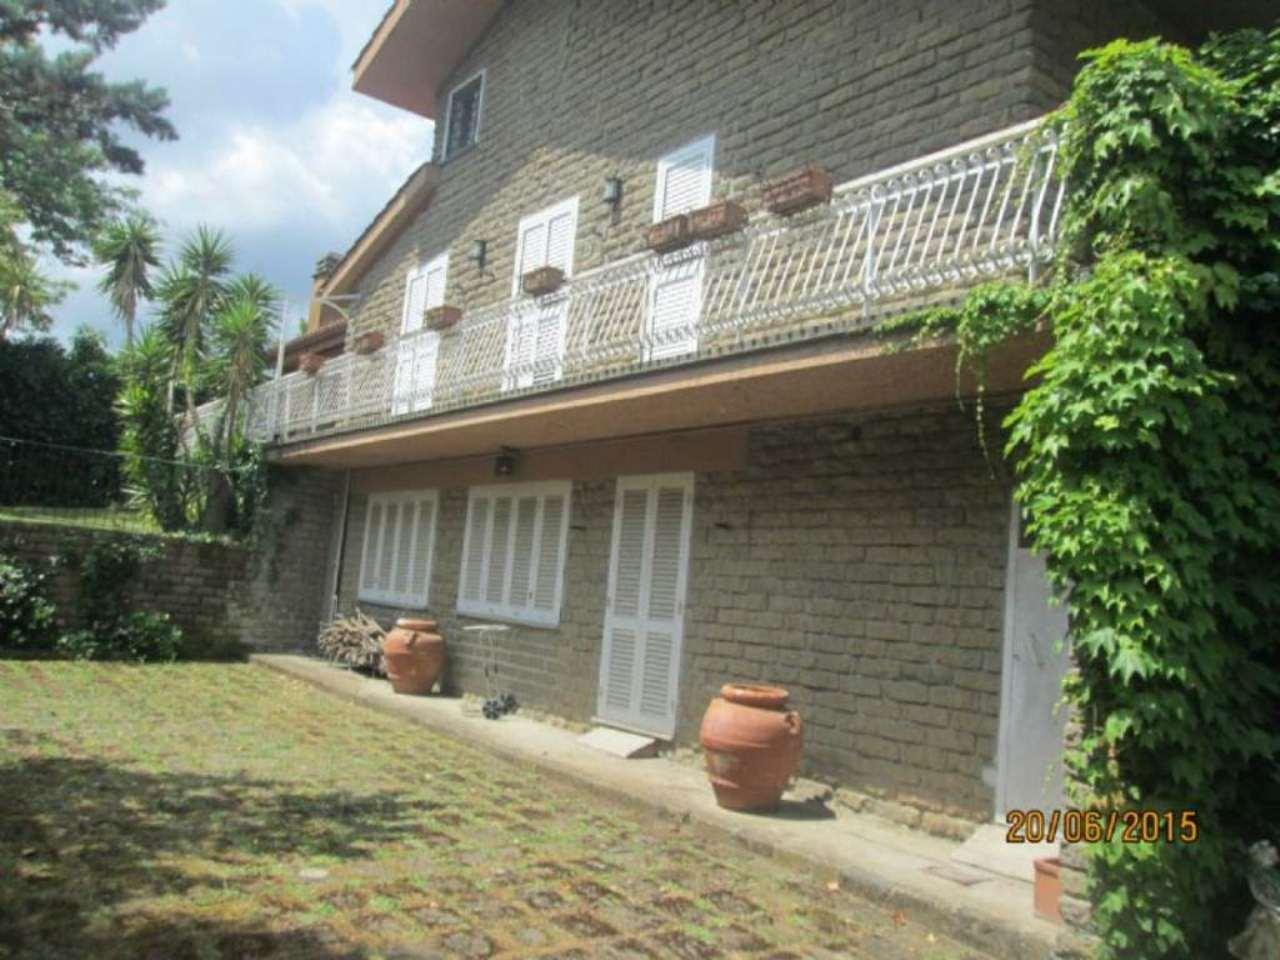 Soluzione Indipendente in vendita a Manziana, 9999 locali, prezzo € 430.000 | Cambio Casa.it